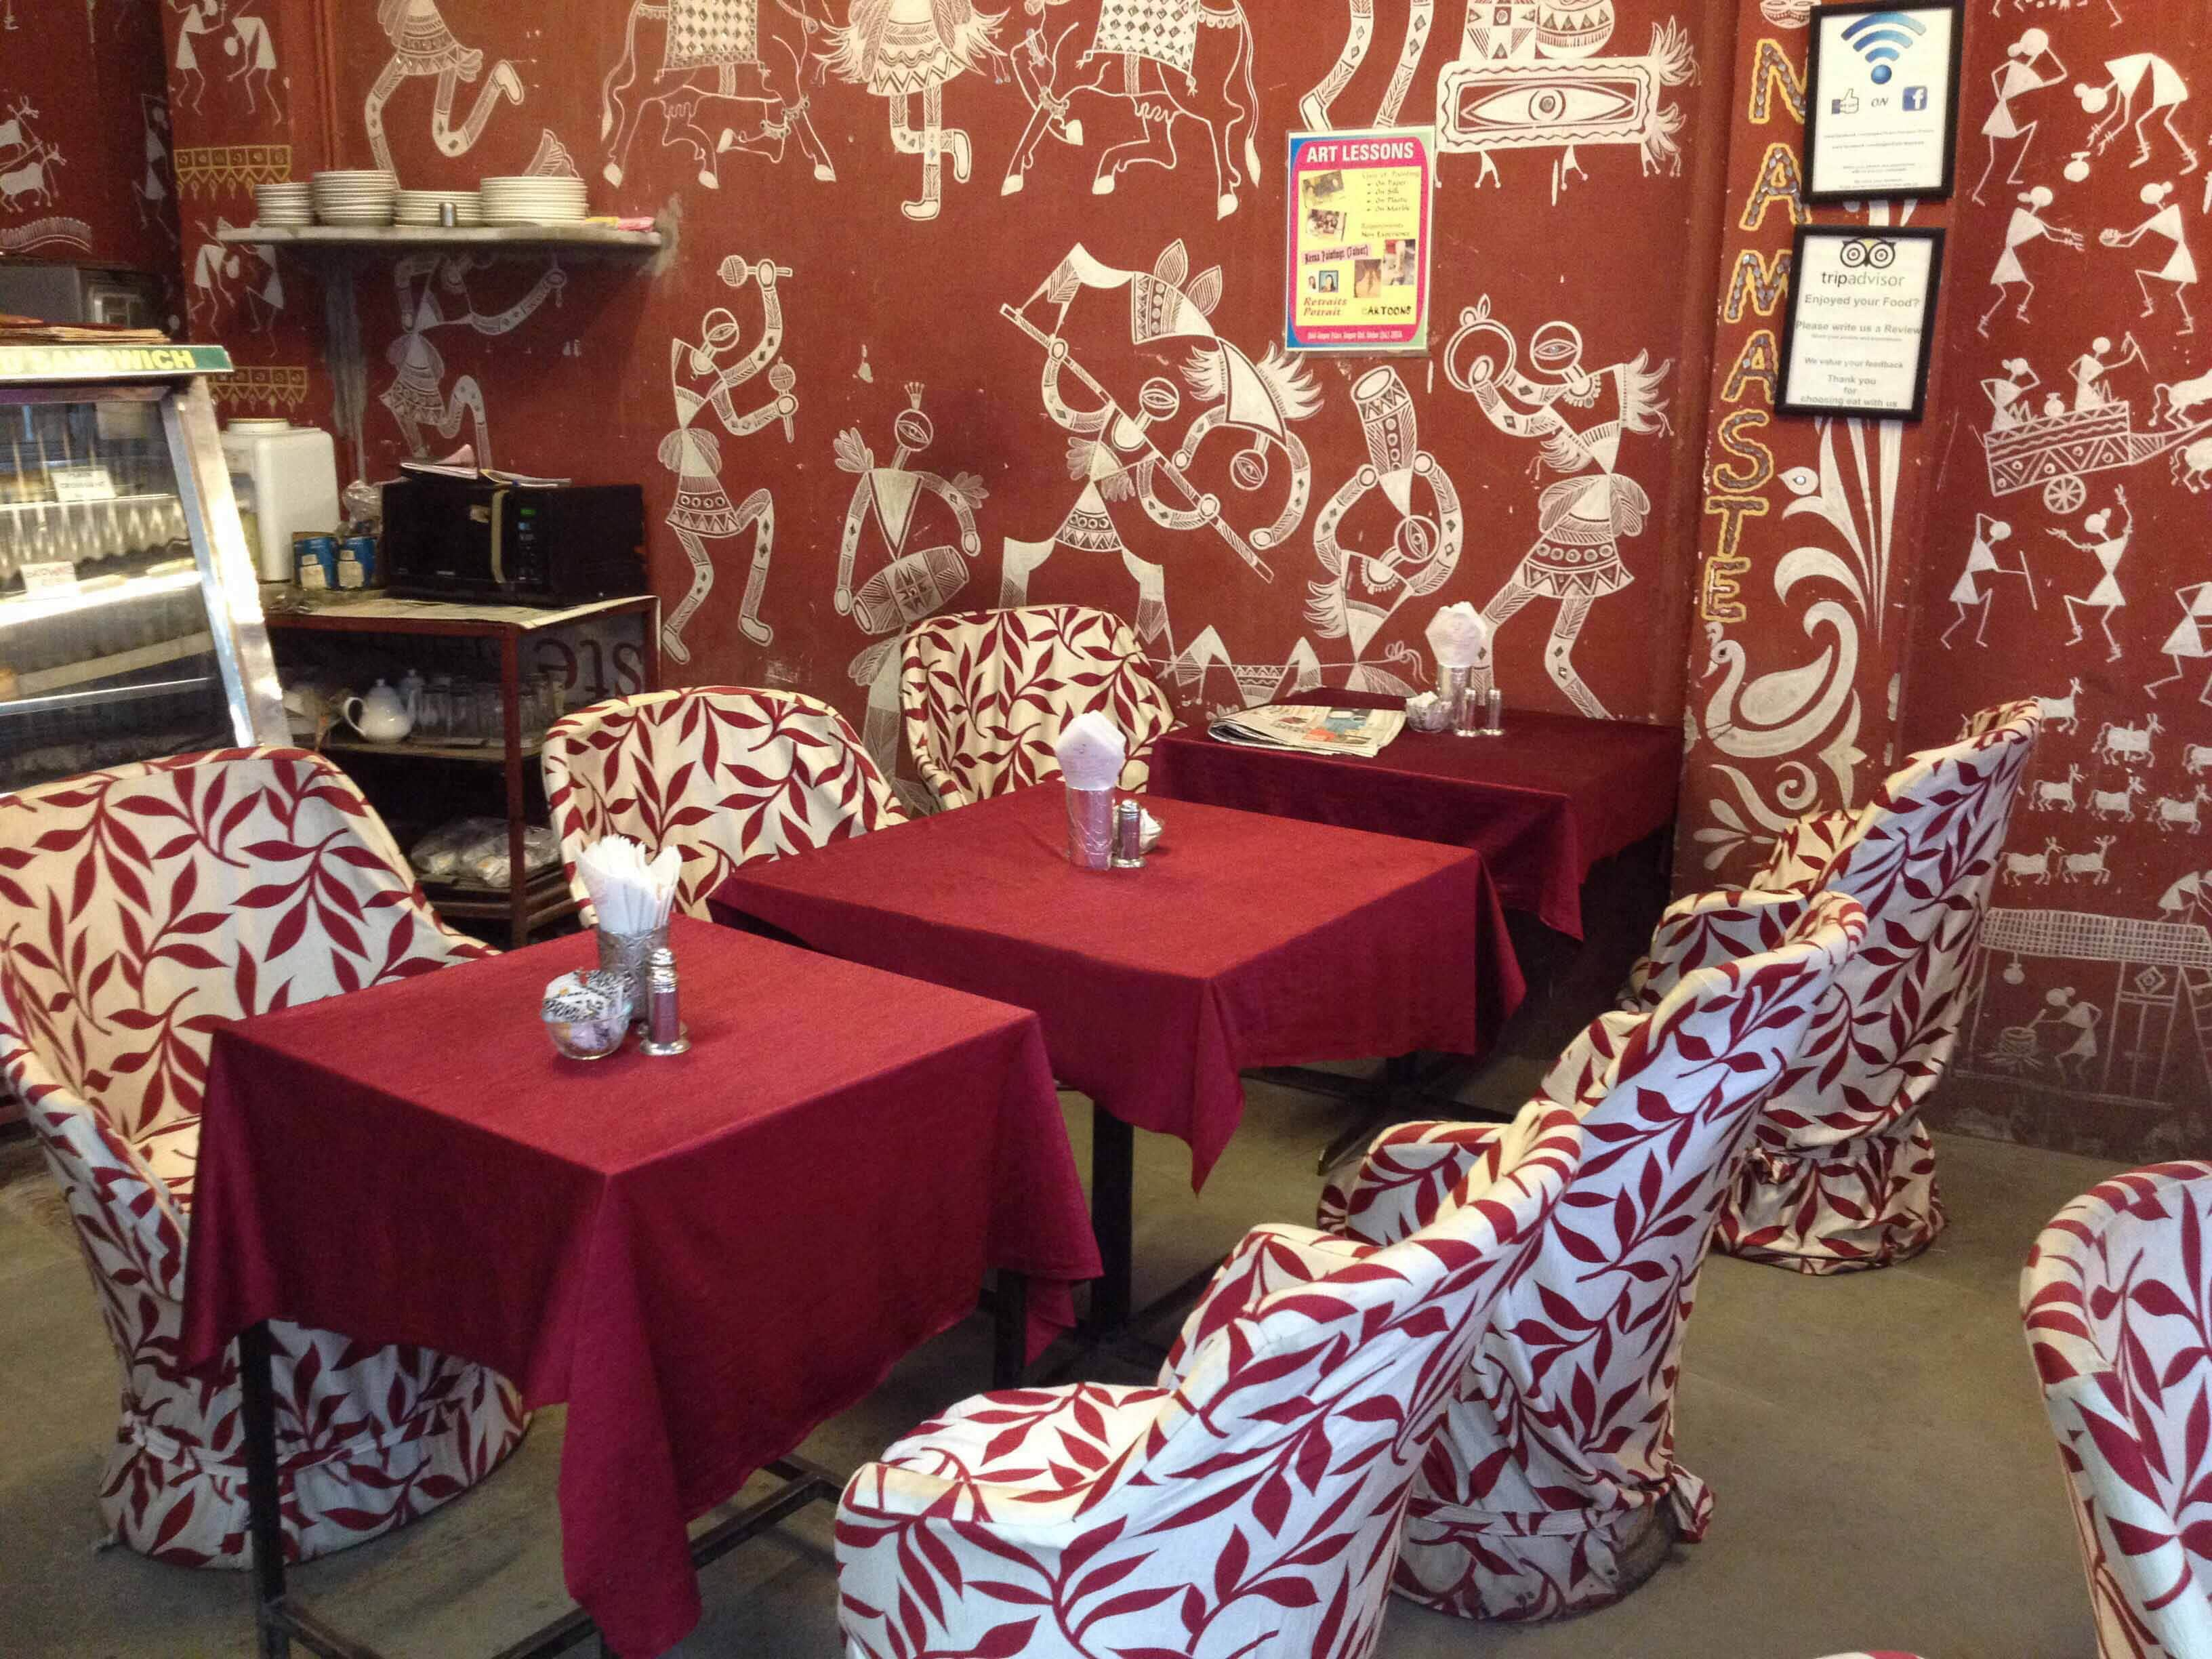 Cafe Namaste French Bakery - Chandpole - Udaipur Image